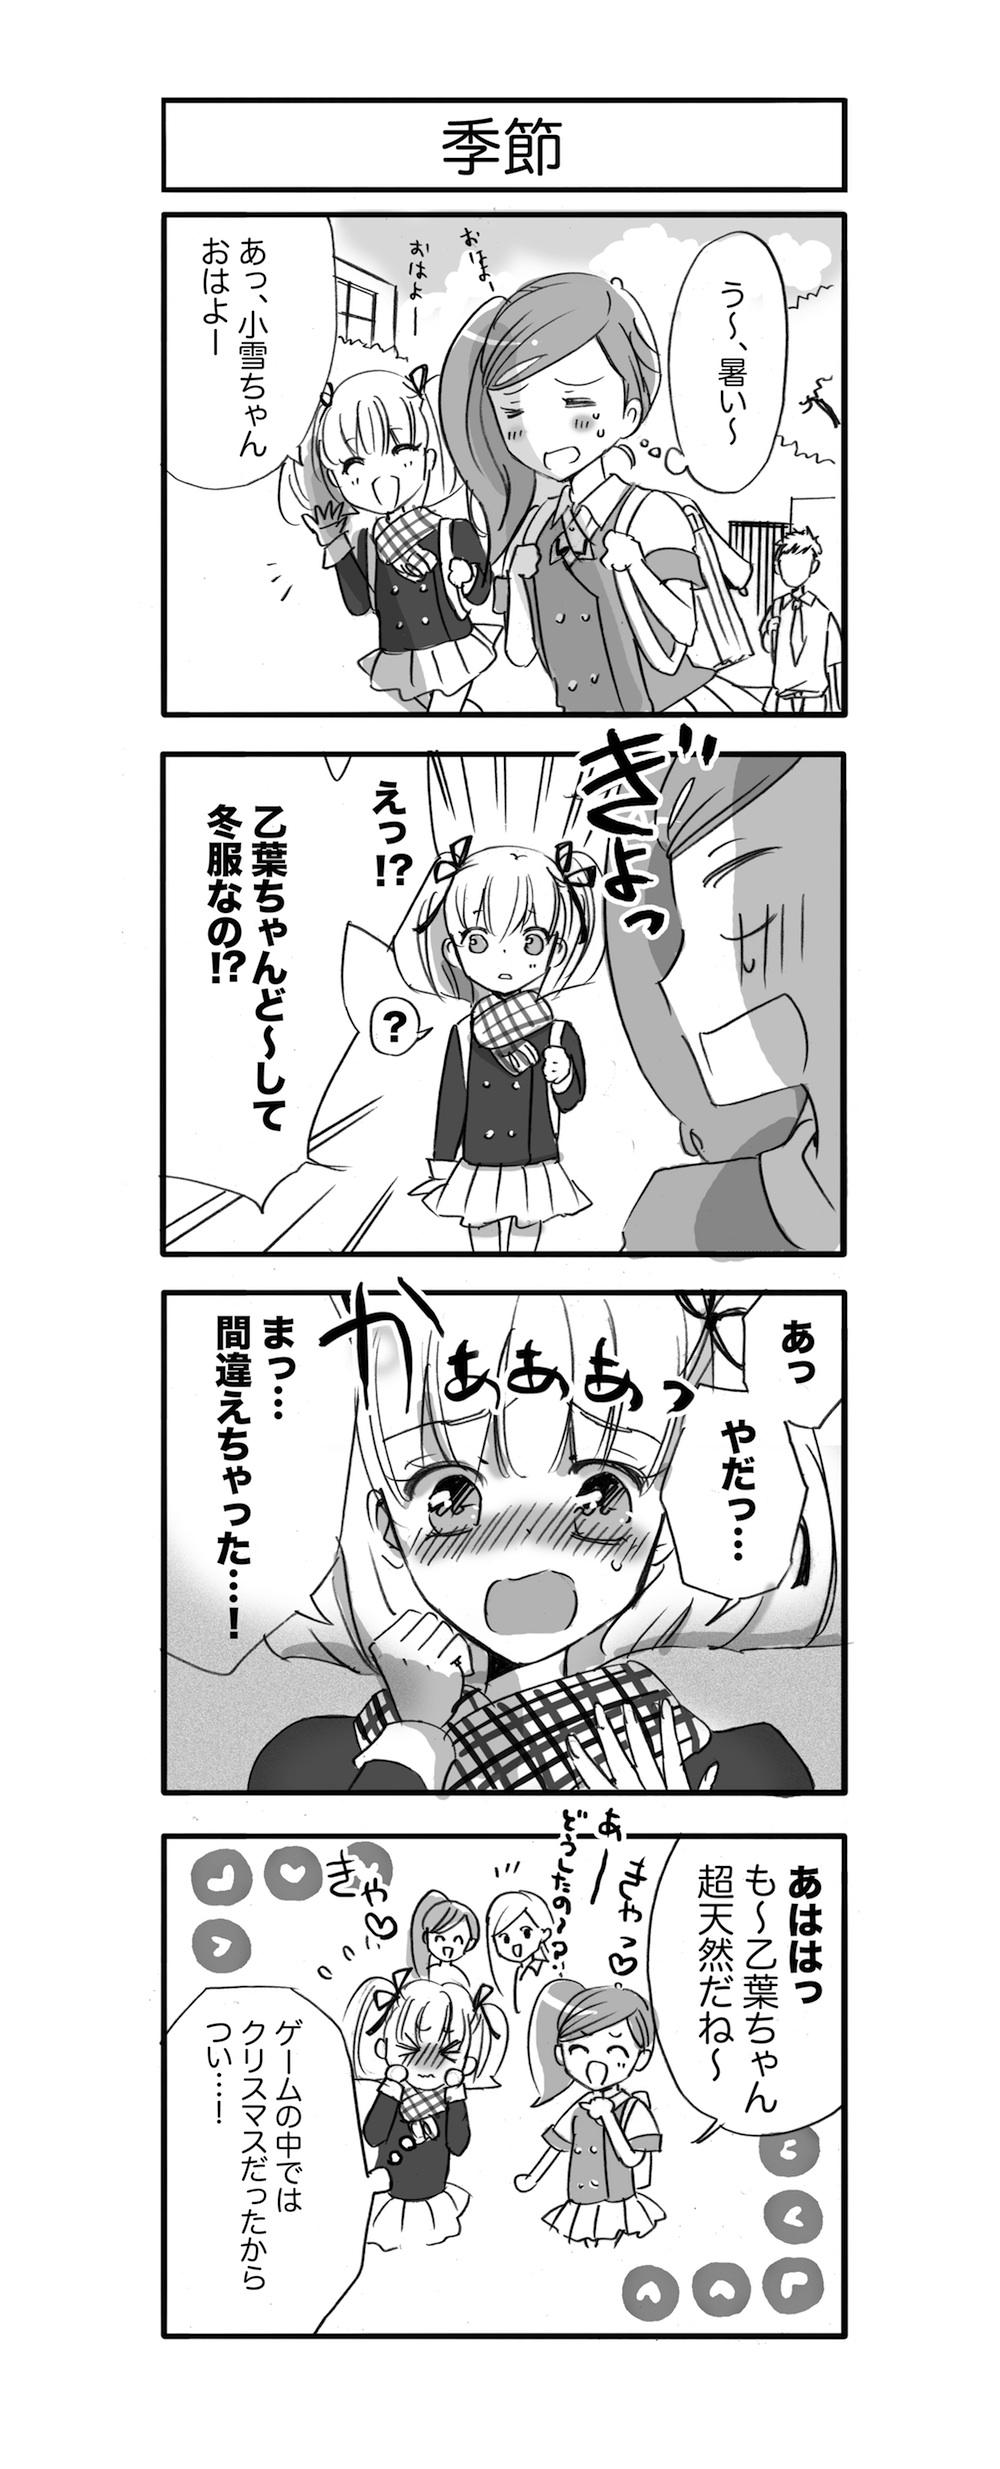 ゲーム漫画 第四話